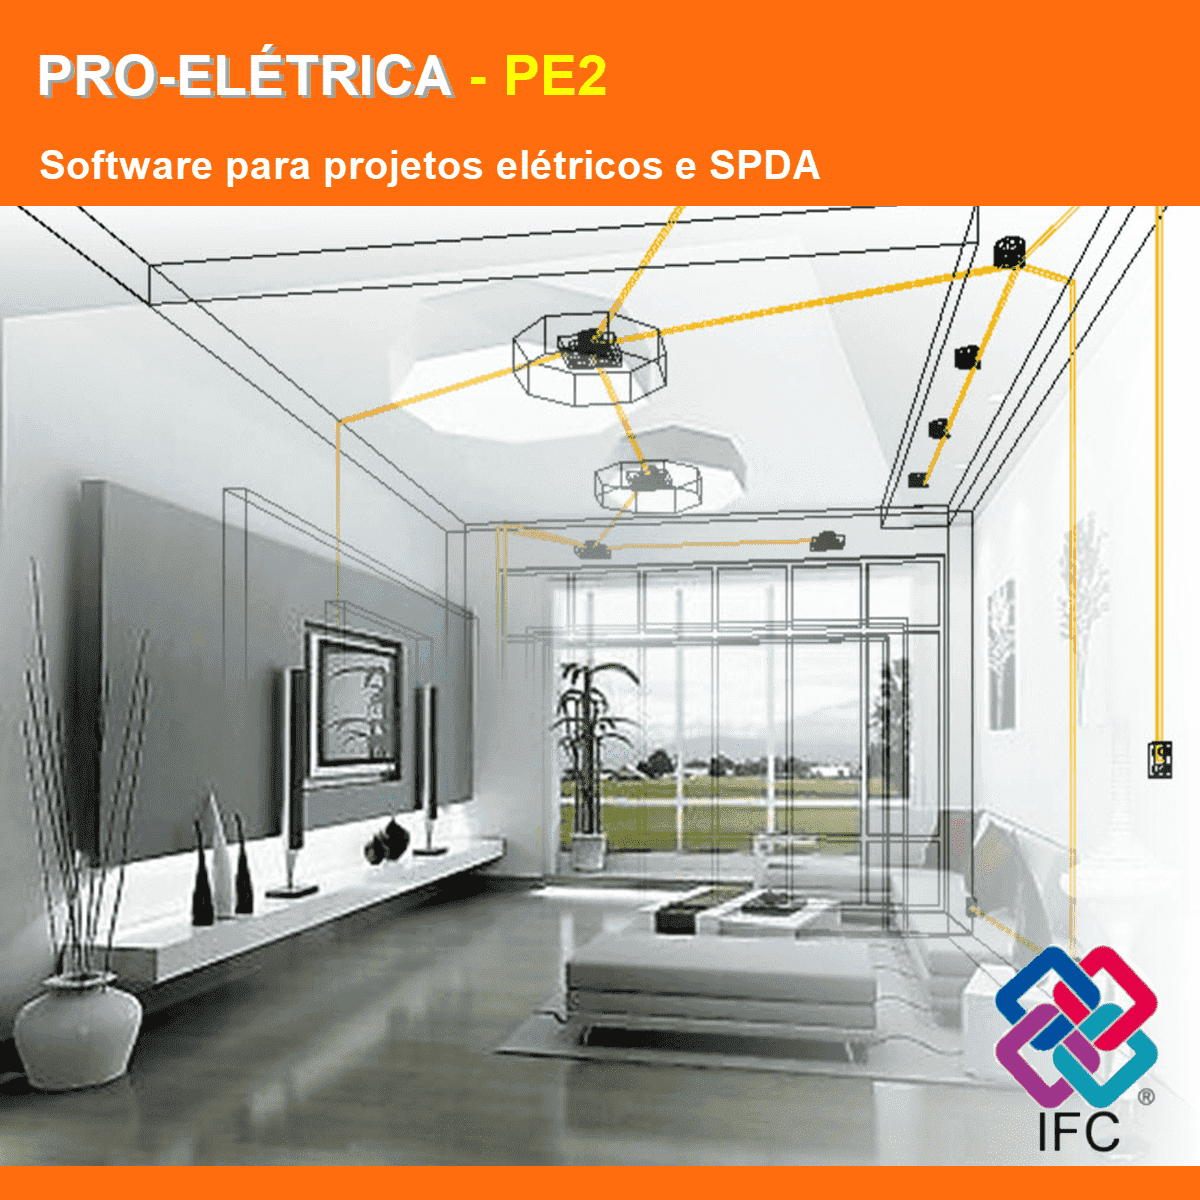 Software PRO-Elétrica versão 18 Pacote PE2 incluindo Detalhamento, Dimensionamento, Cabeamento Estruturado, SPDA, Automação Residencial, Loteamentos, Instalação Fotovoltaica e Exportação em IFC  - MULTIPLUS SOFTWARES